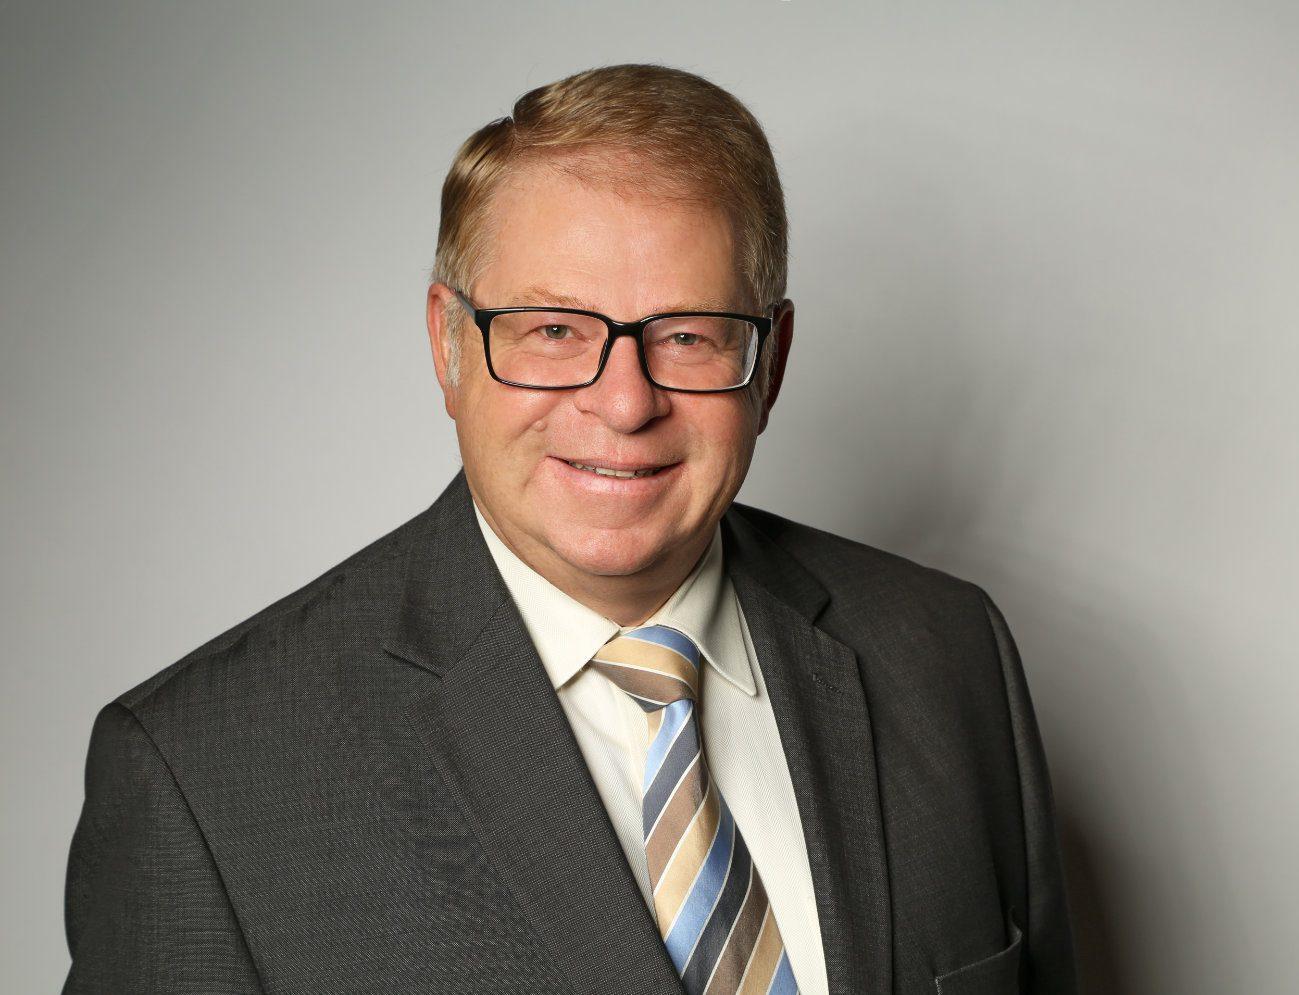 Wolfgang Kreil